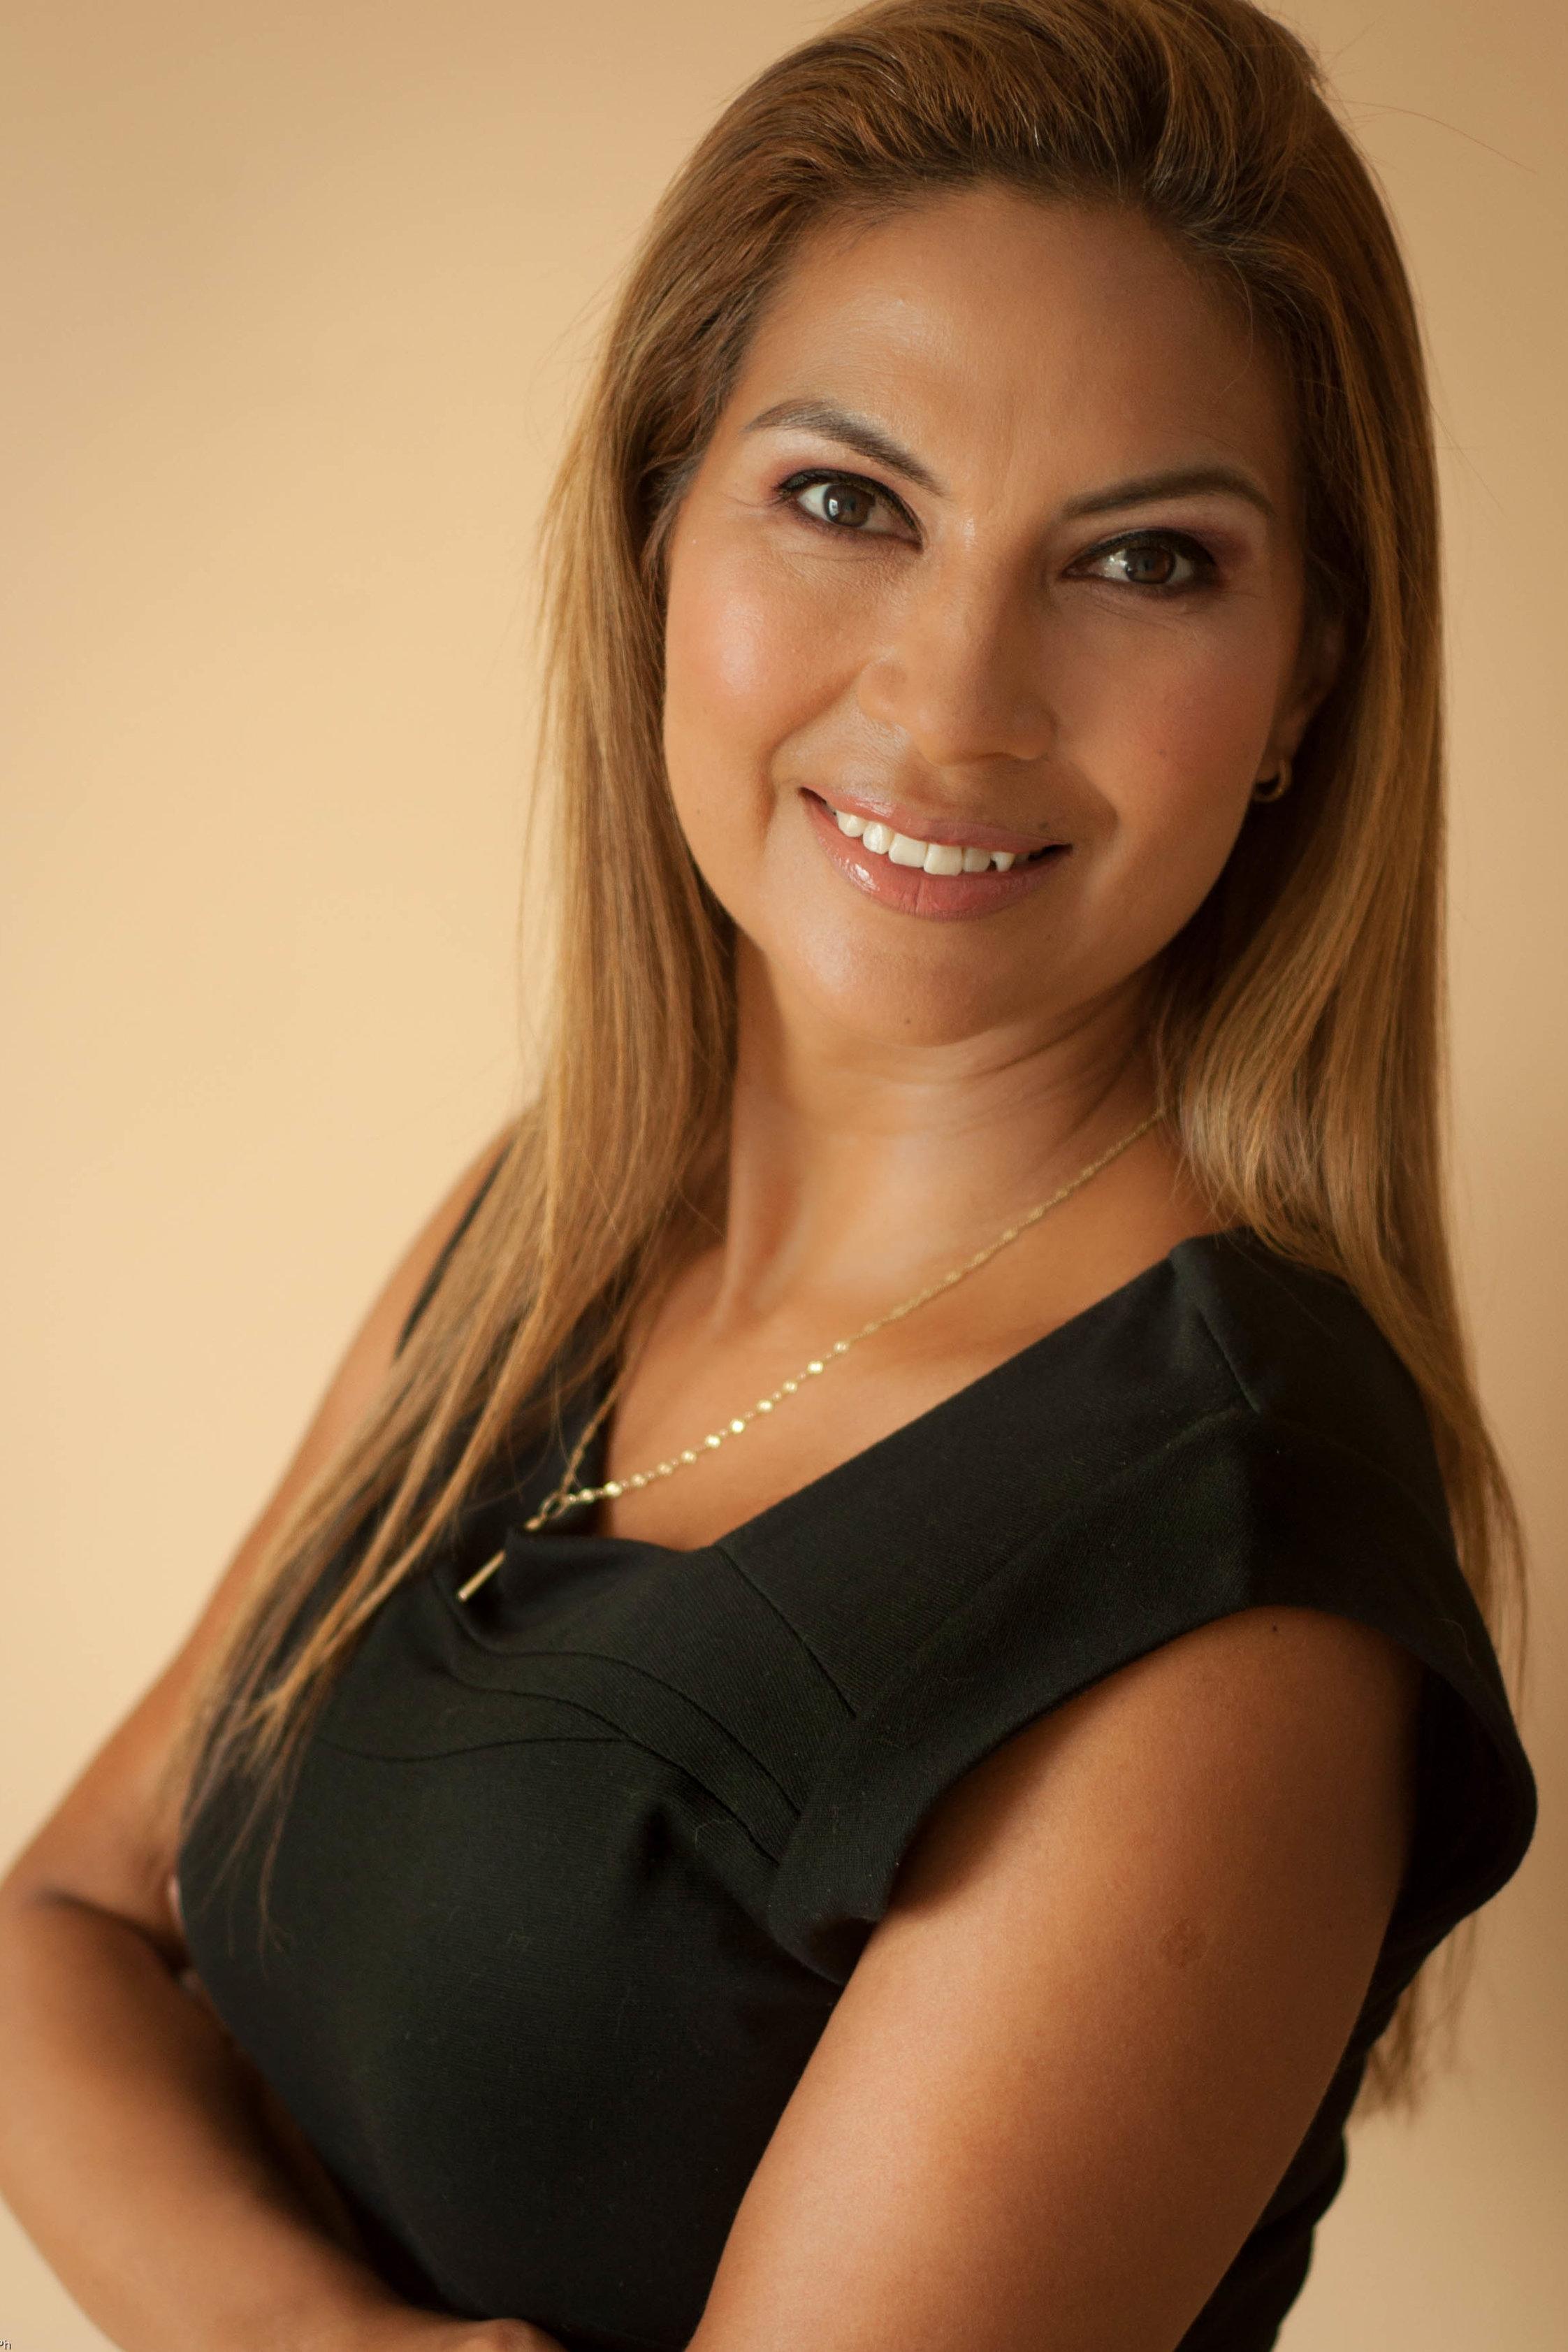 Jackie Camacho - English Spoken Real Estate Broker / Corretor inmobiliario de fala portugues / Españoljackie@selvacorealty.com